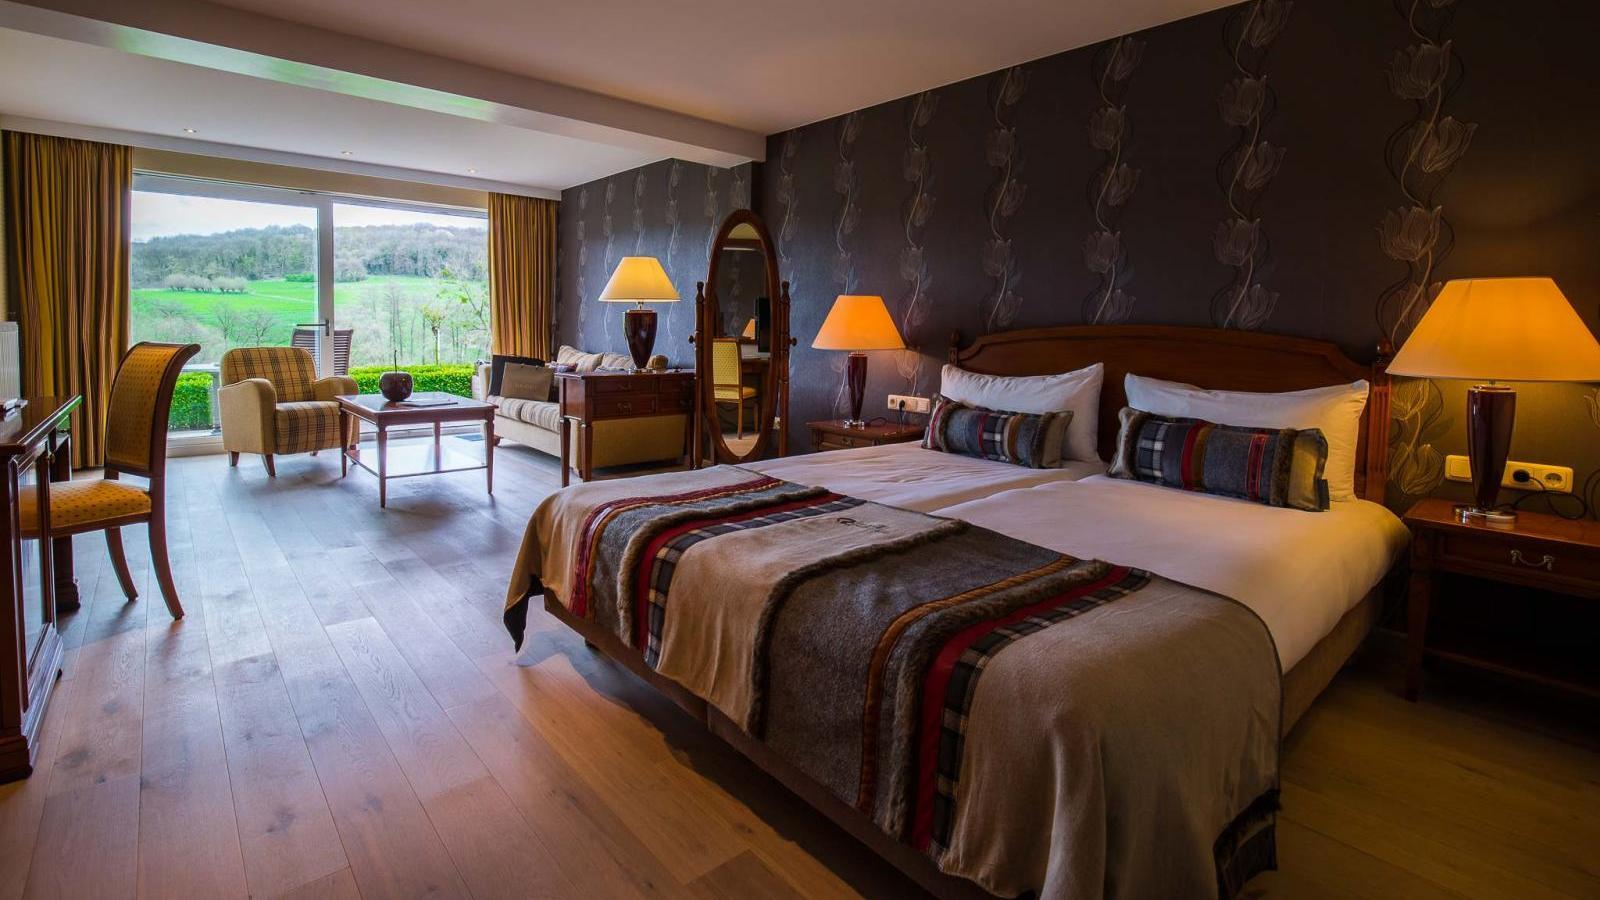 Hotel Klein Zwitserland Slenaken Zwischen Den Hügeln Süd Limburgers